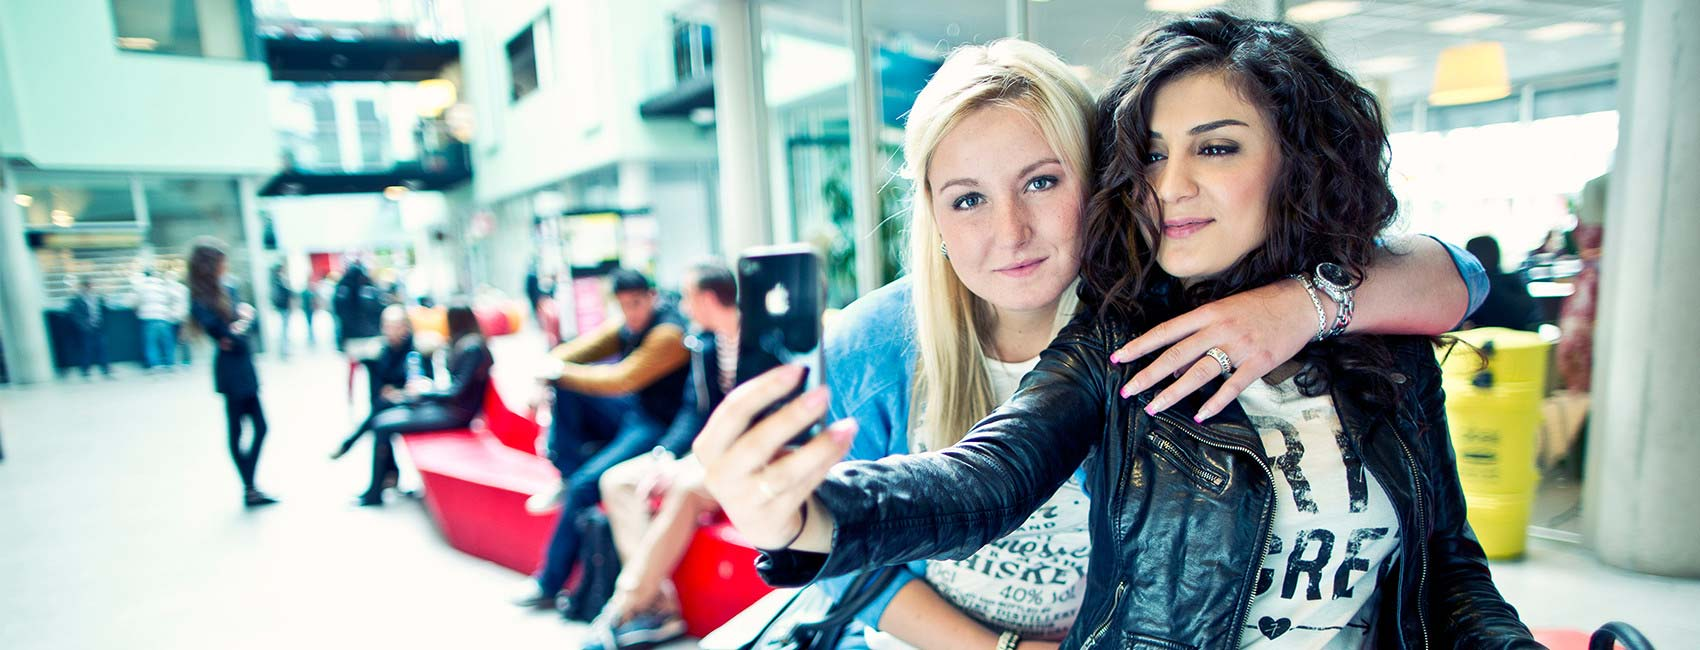 roc-selfie